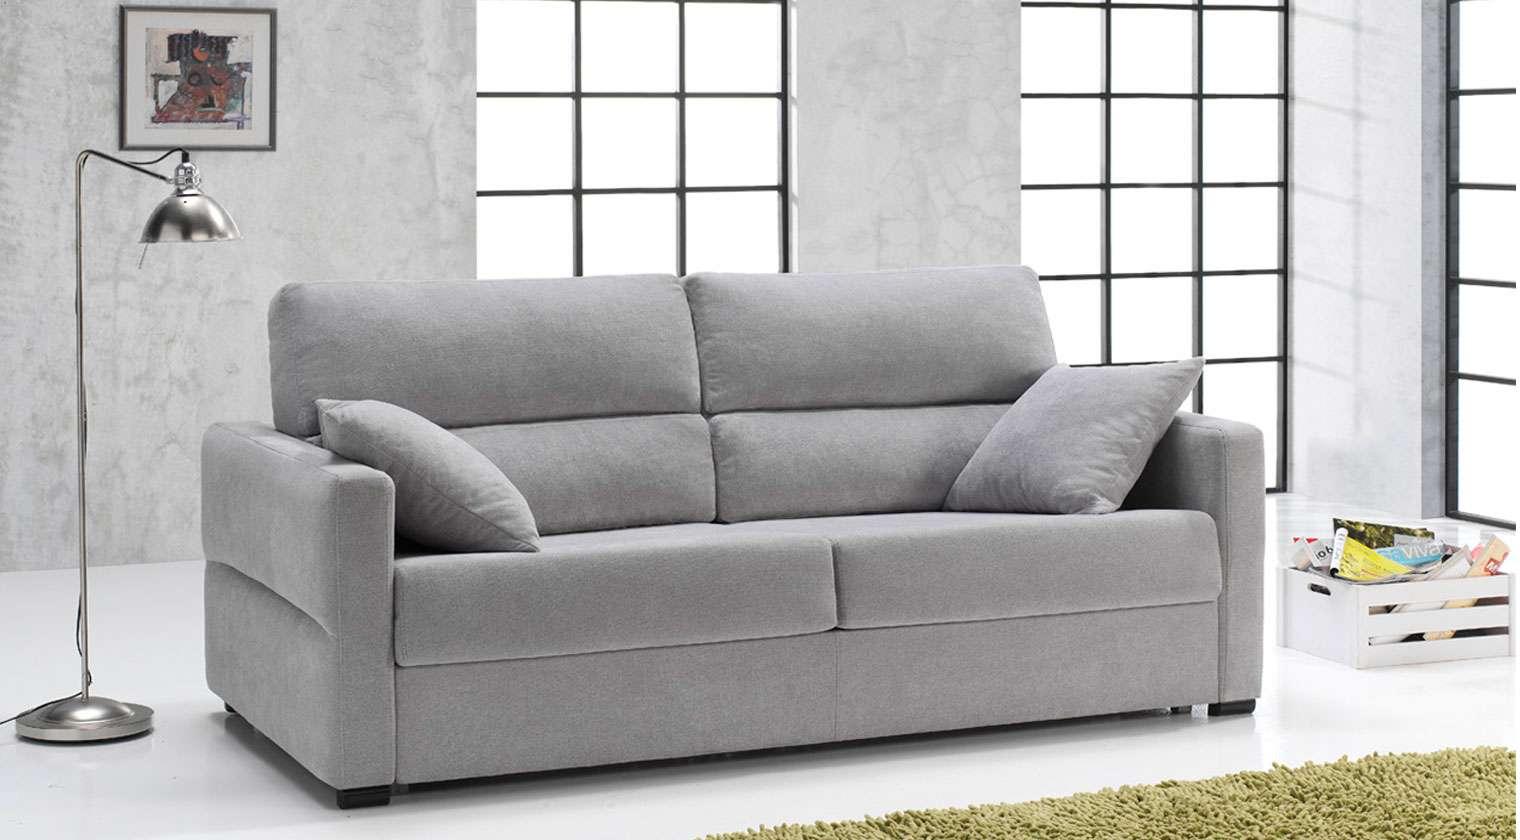 fundas para un sofa cama best cheap 2018 sofá vals sofas apertura italiana